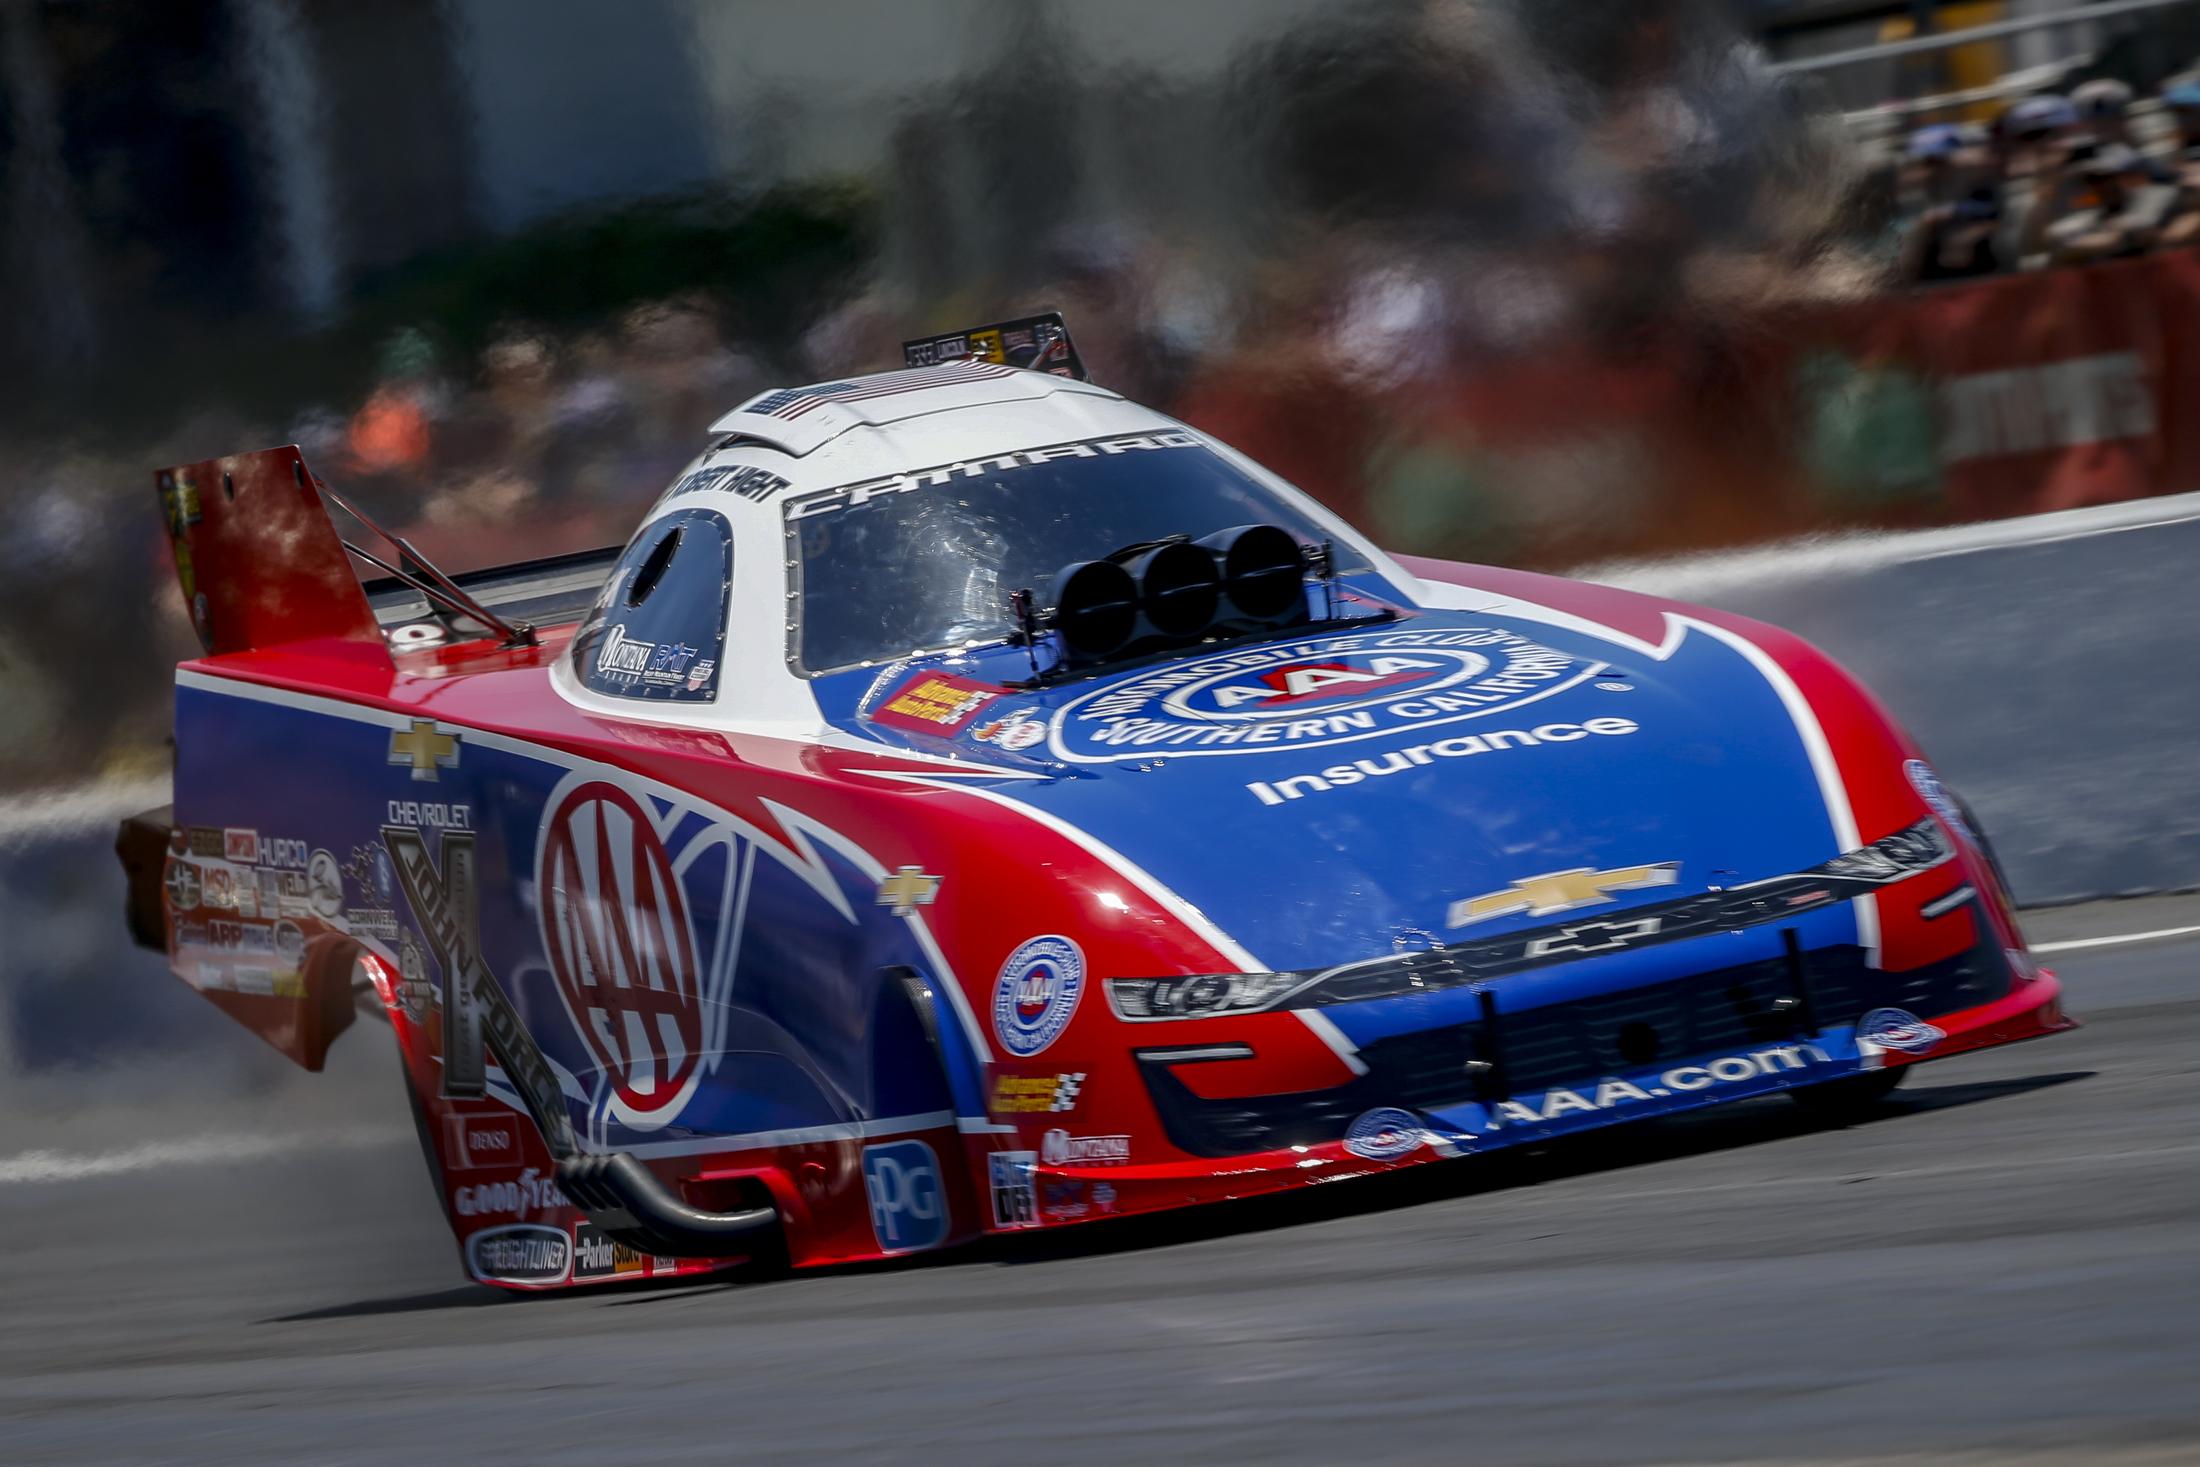 Funny Car pilot Robert Hight racing on Sunday at the 32nd annual Mopar Express Lane NHRA SpringNationals